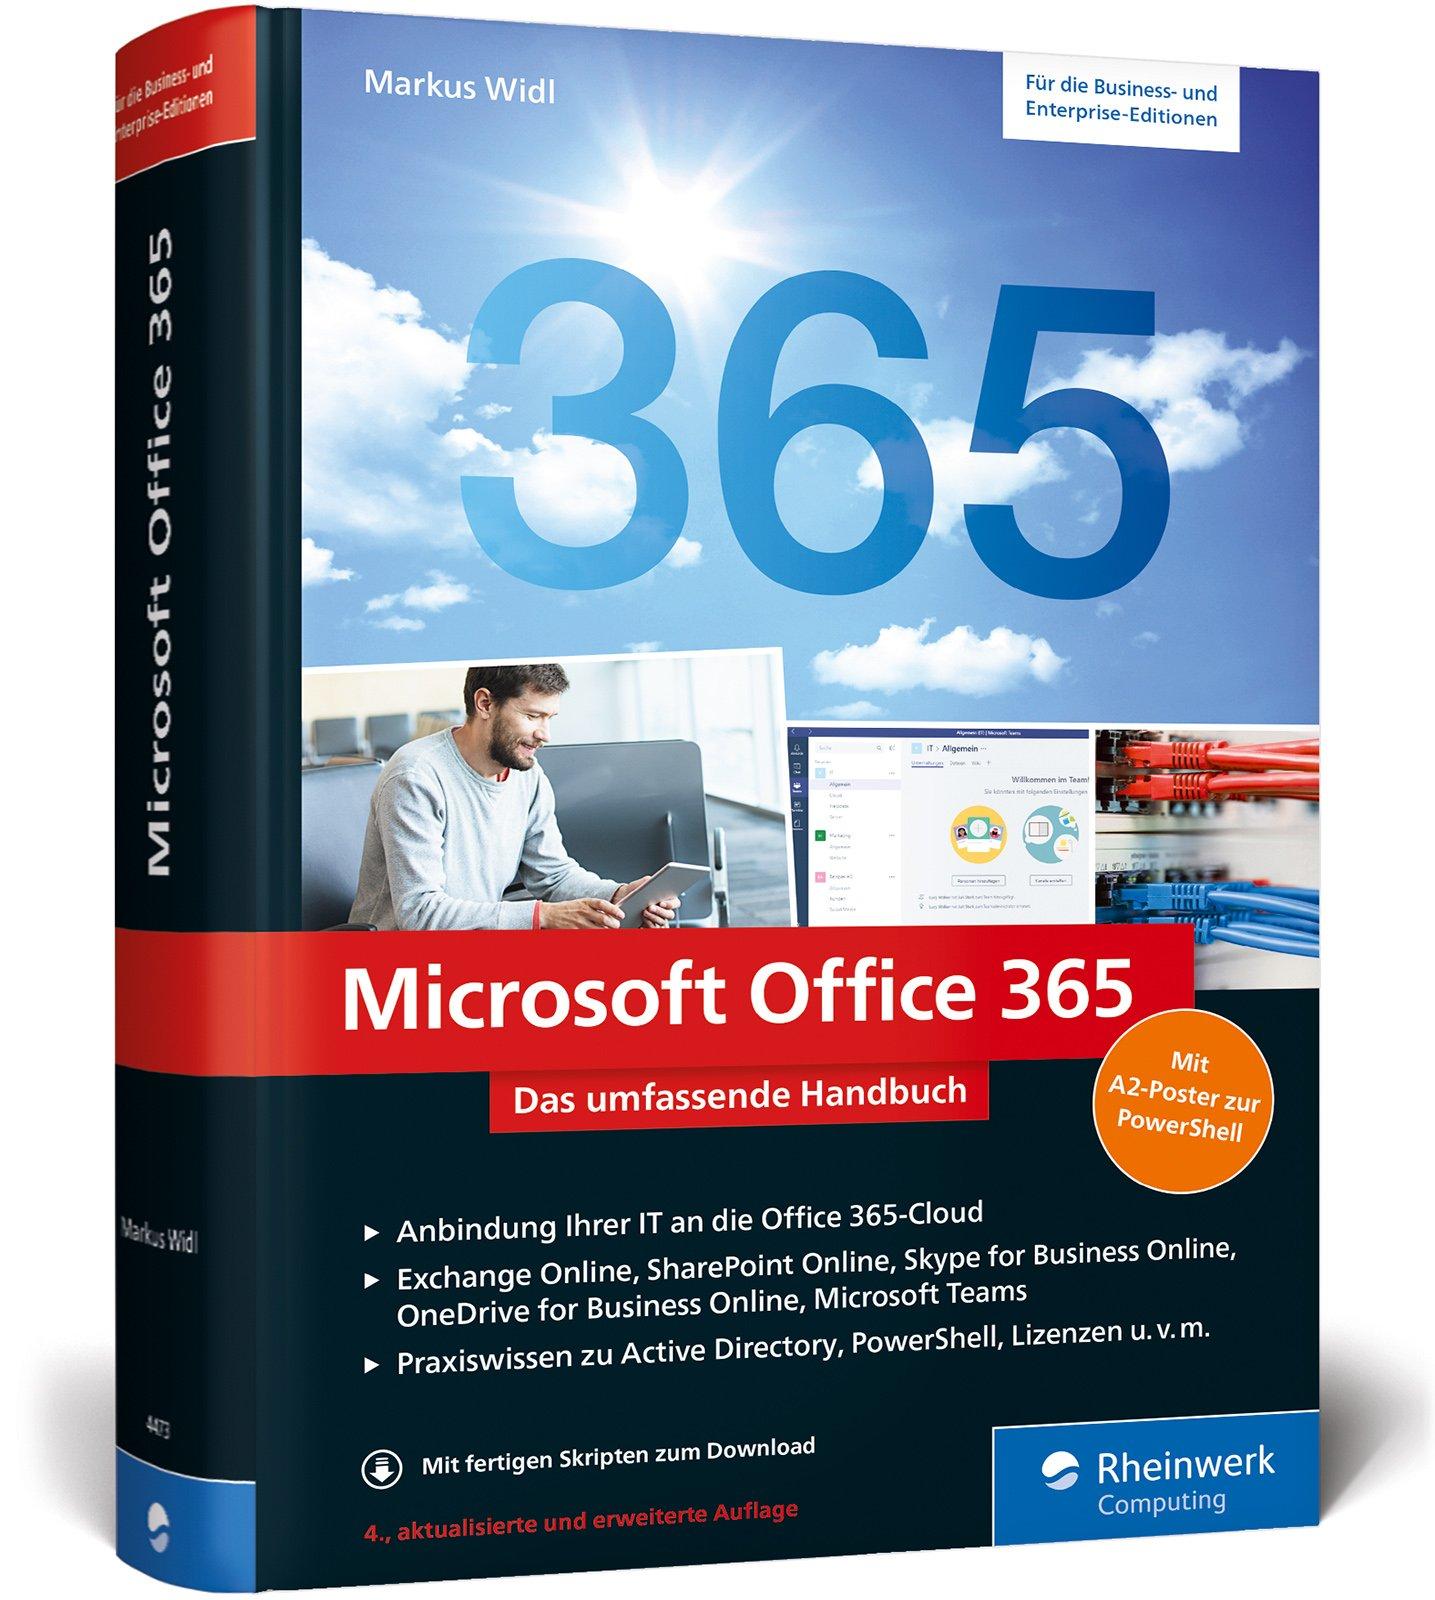 Microsoft Office 365  Das Umfassende Handbuch Für Administratoren. Aktuell Zu Office 365 Enterprise Und Business Edition Sowie Office 365 Deutschland